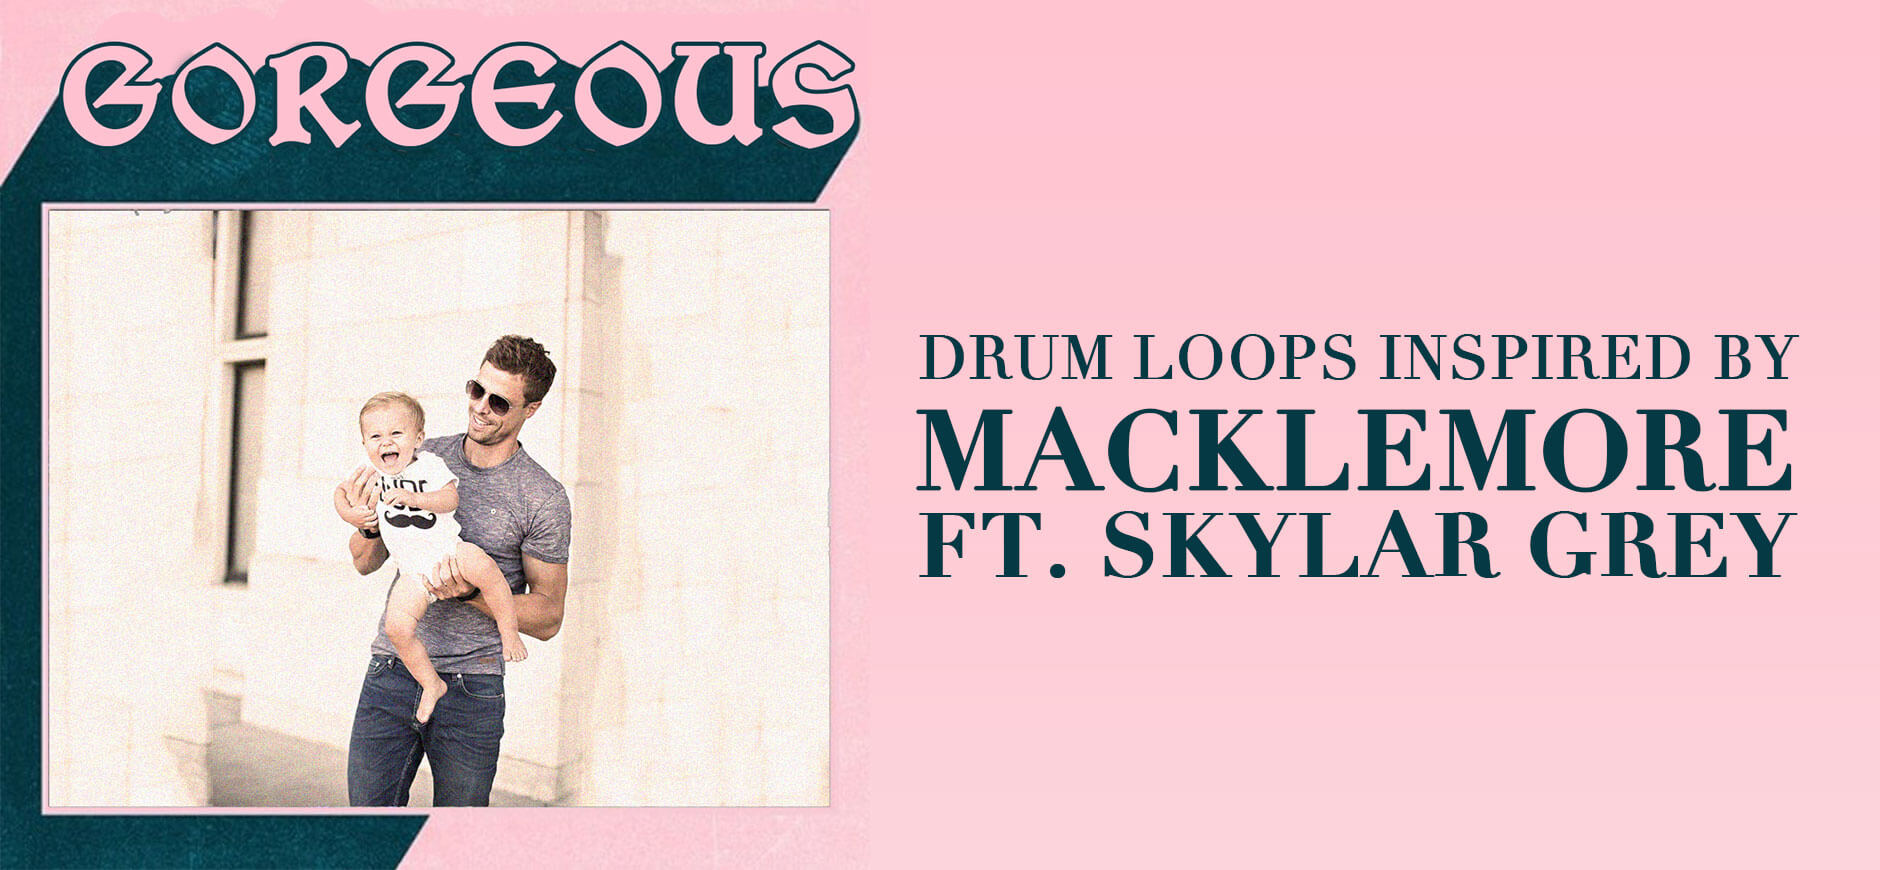 Glorious Drum Loops Inspired by Macklemore ft. Skylar Grey